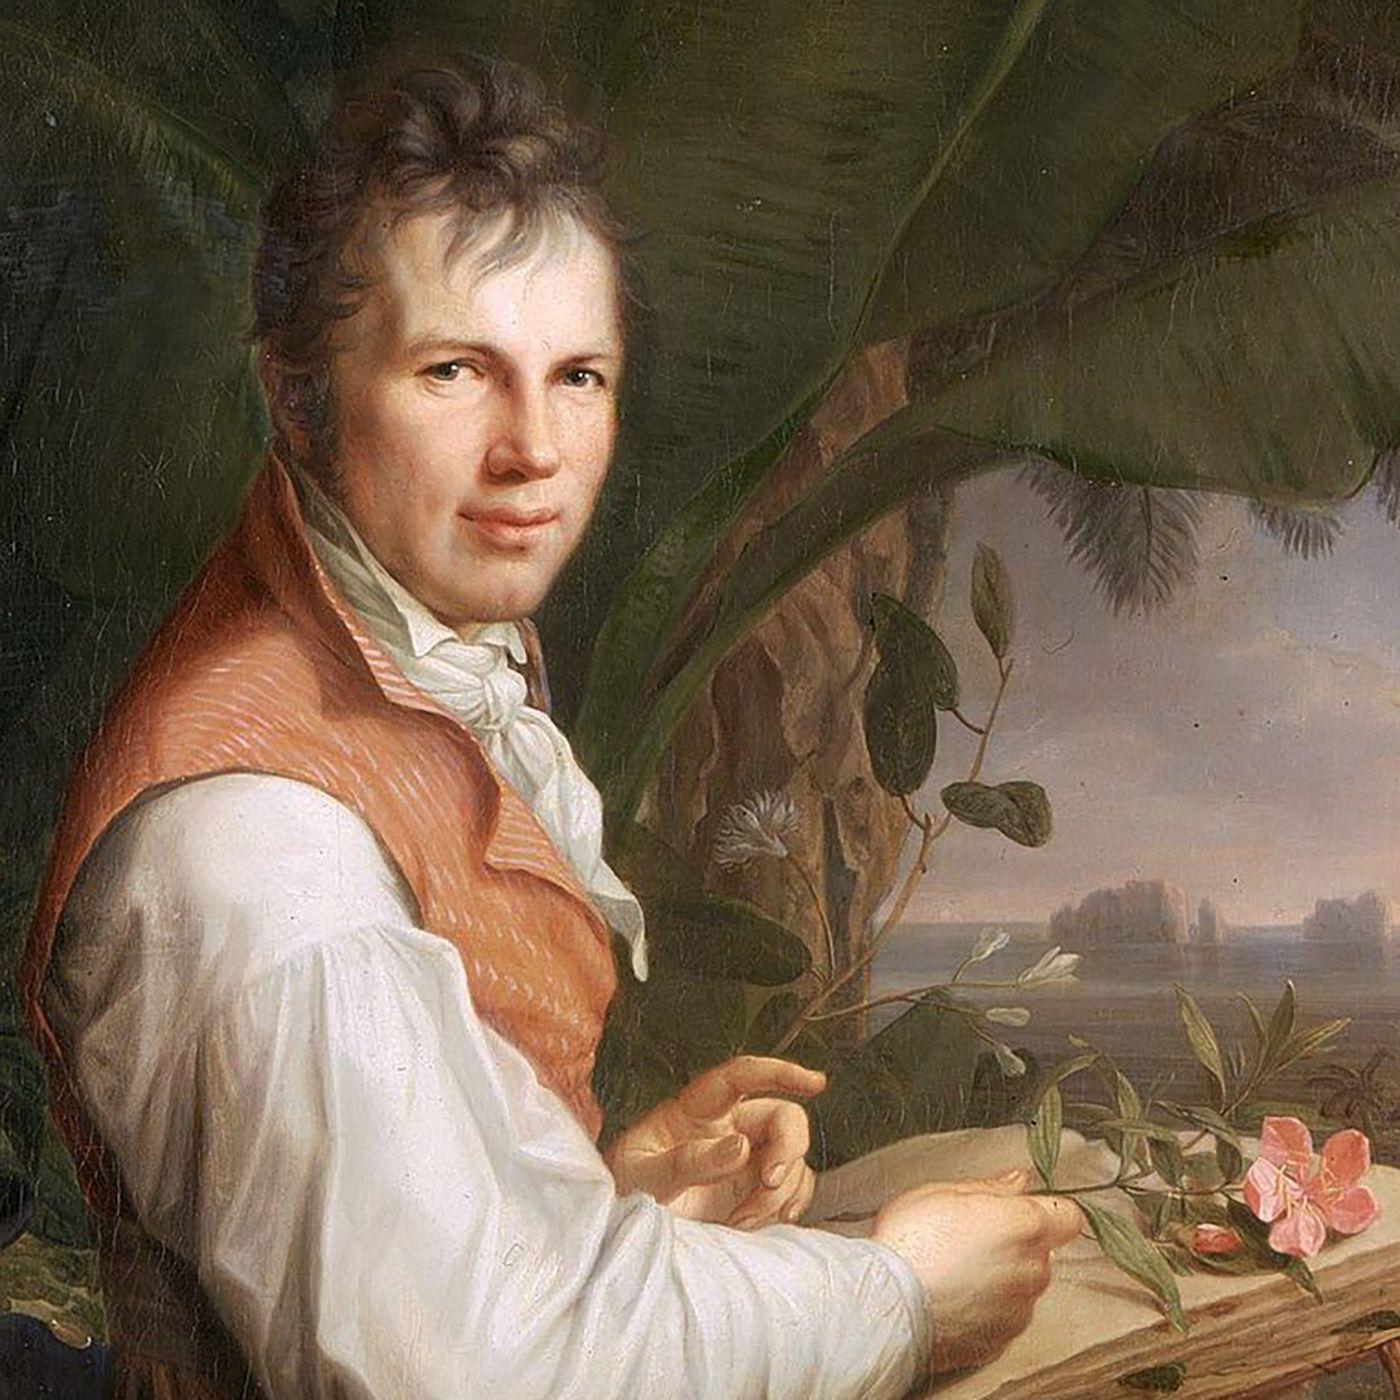 S4E2. Alexander Von Humboldt: Opfindelsen af naturen